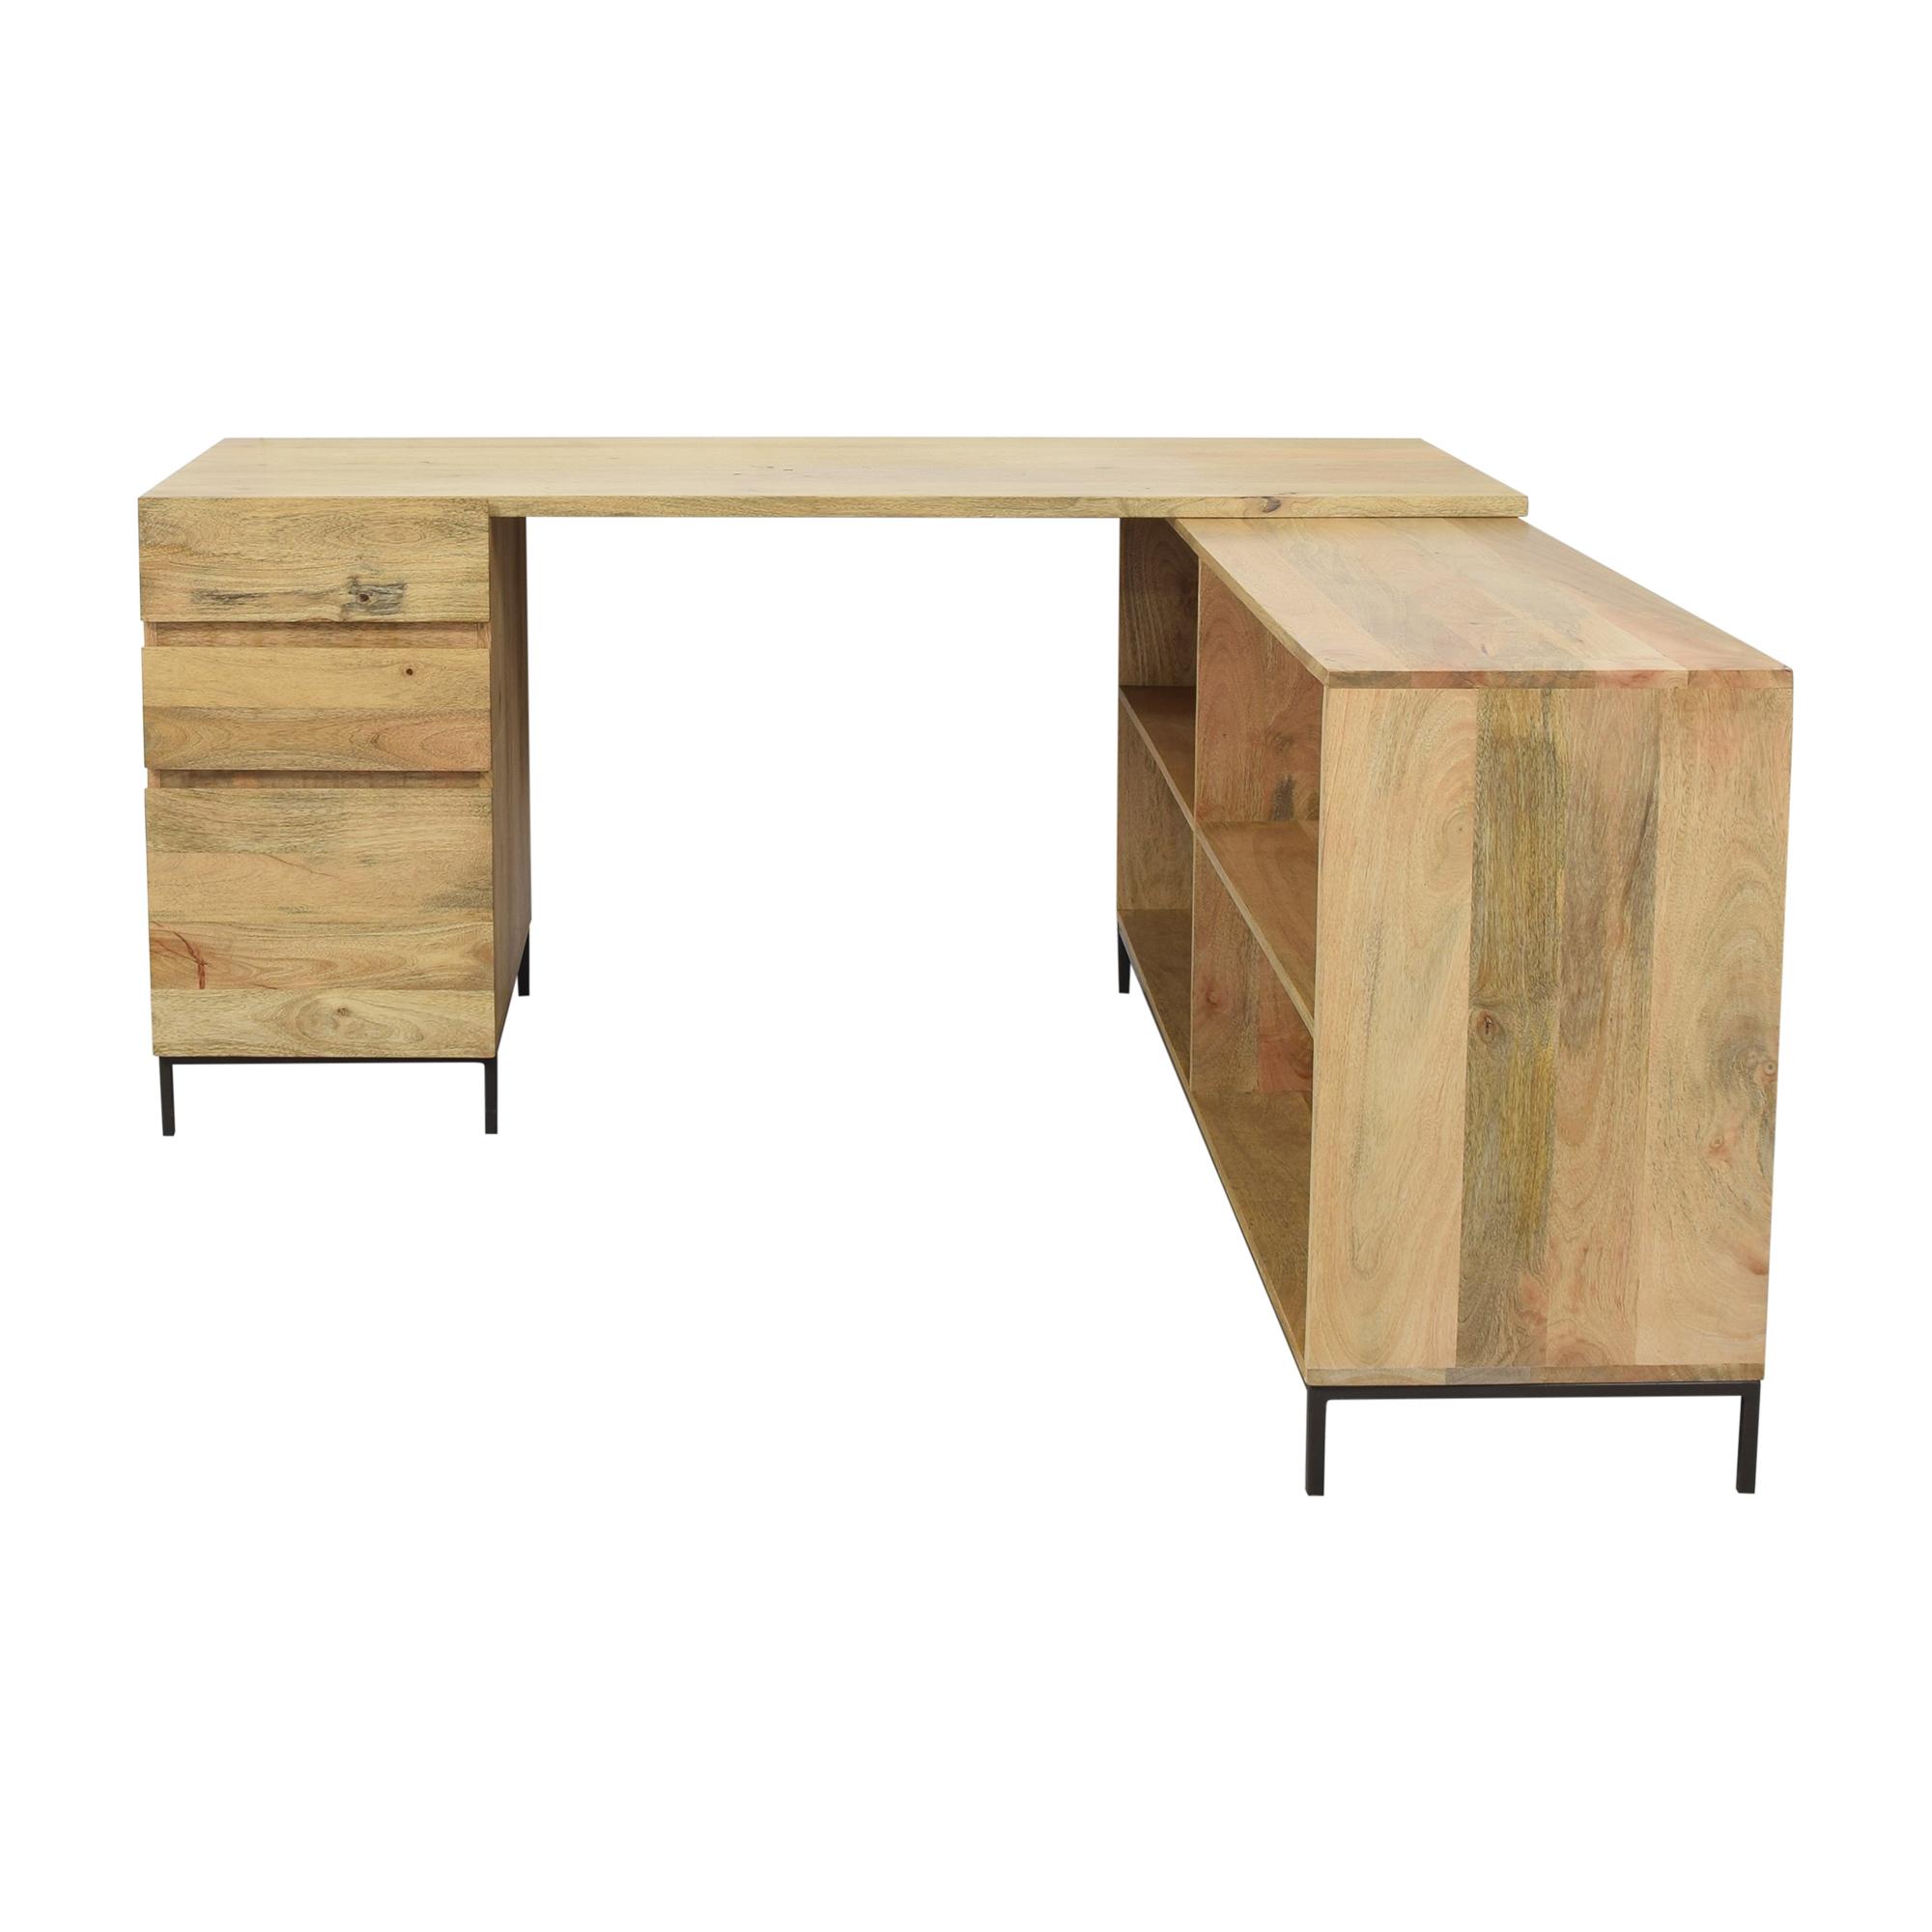 West Elm West Elm Industrial Modular Desk Set for sale